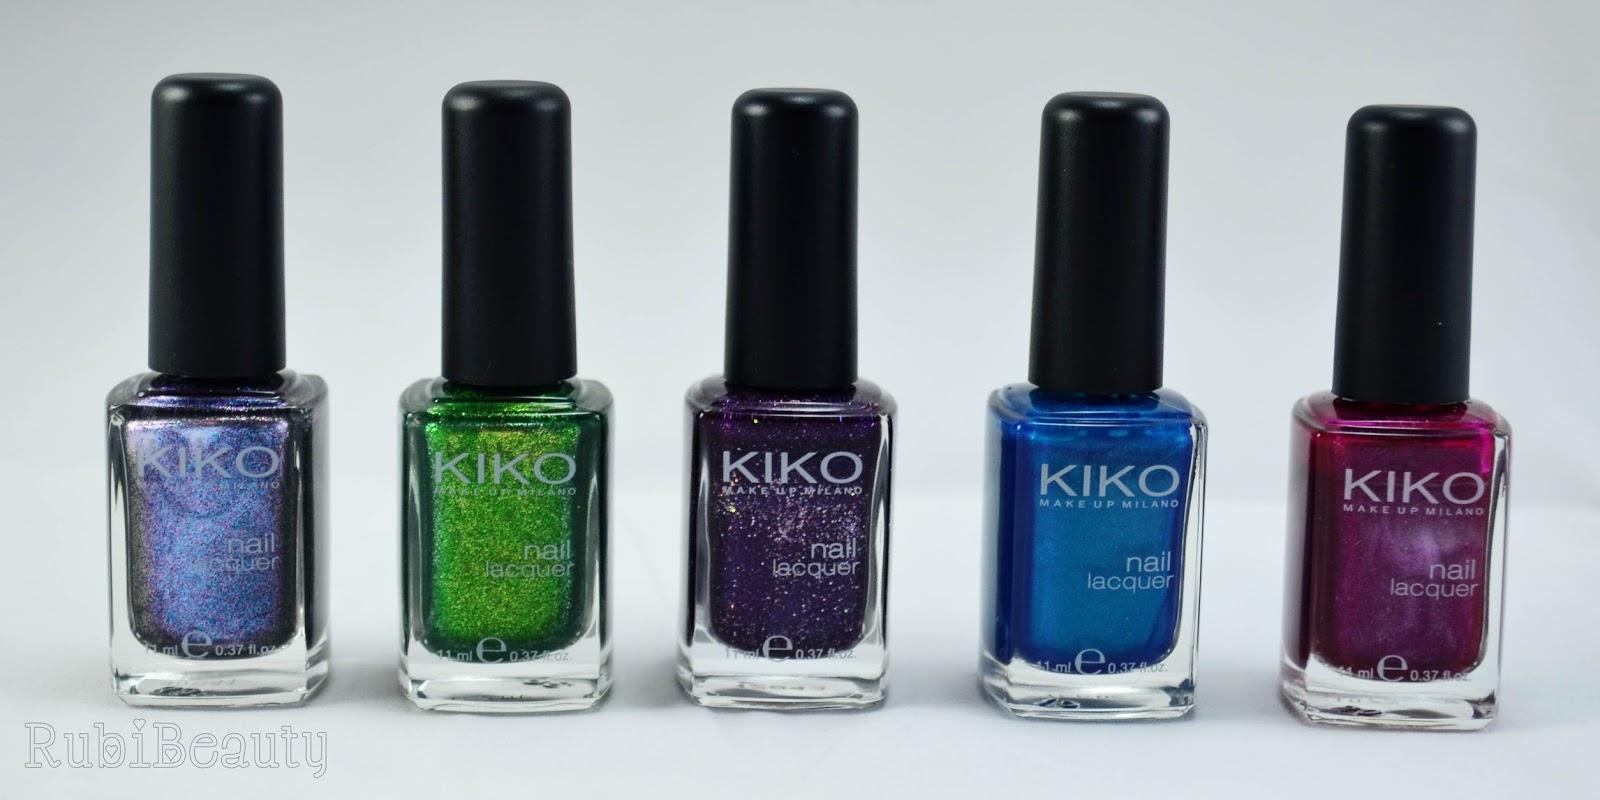 rubibeauty colección esmaltes kiko clones swatches